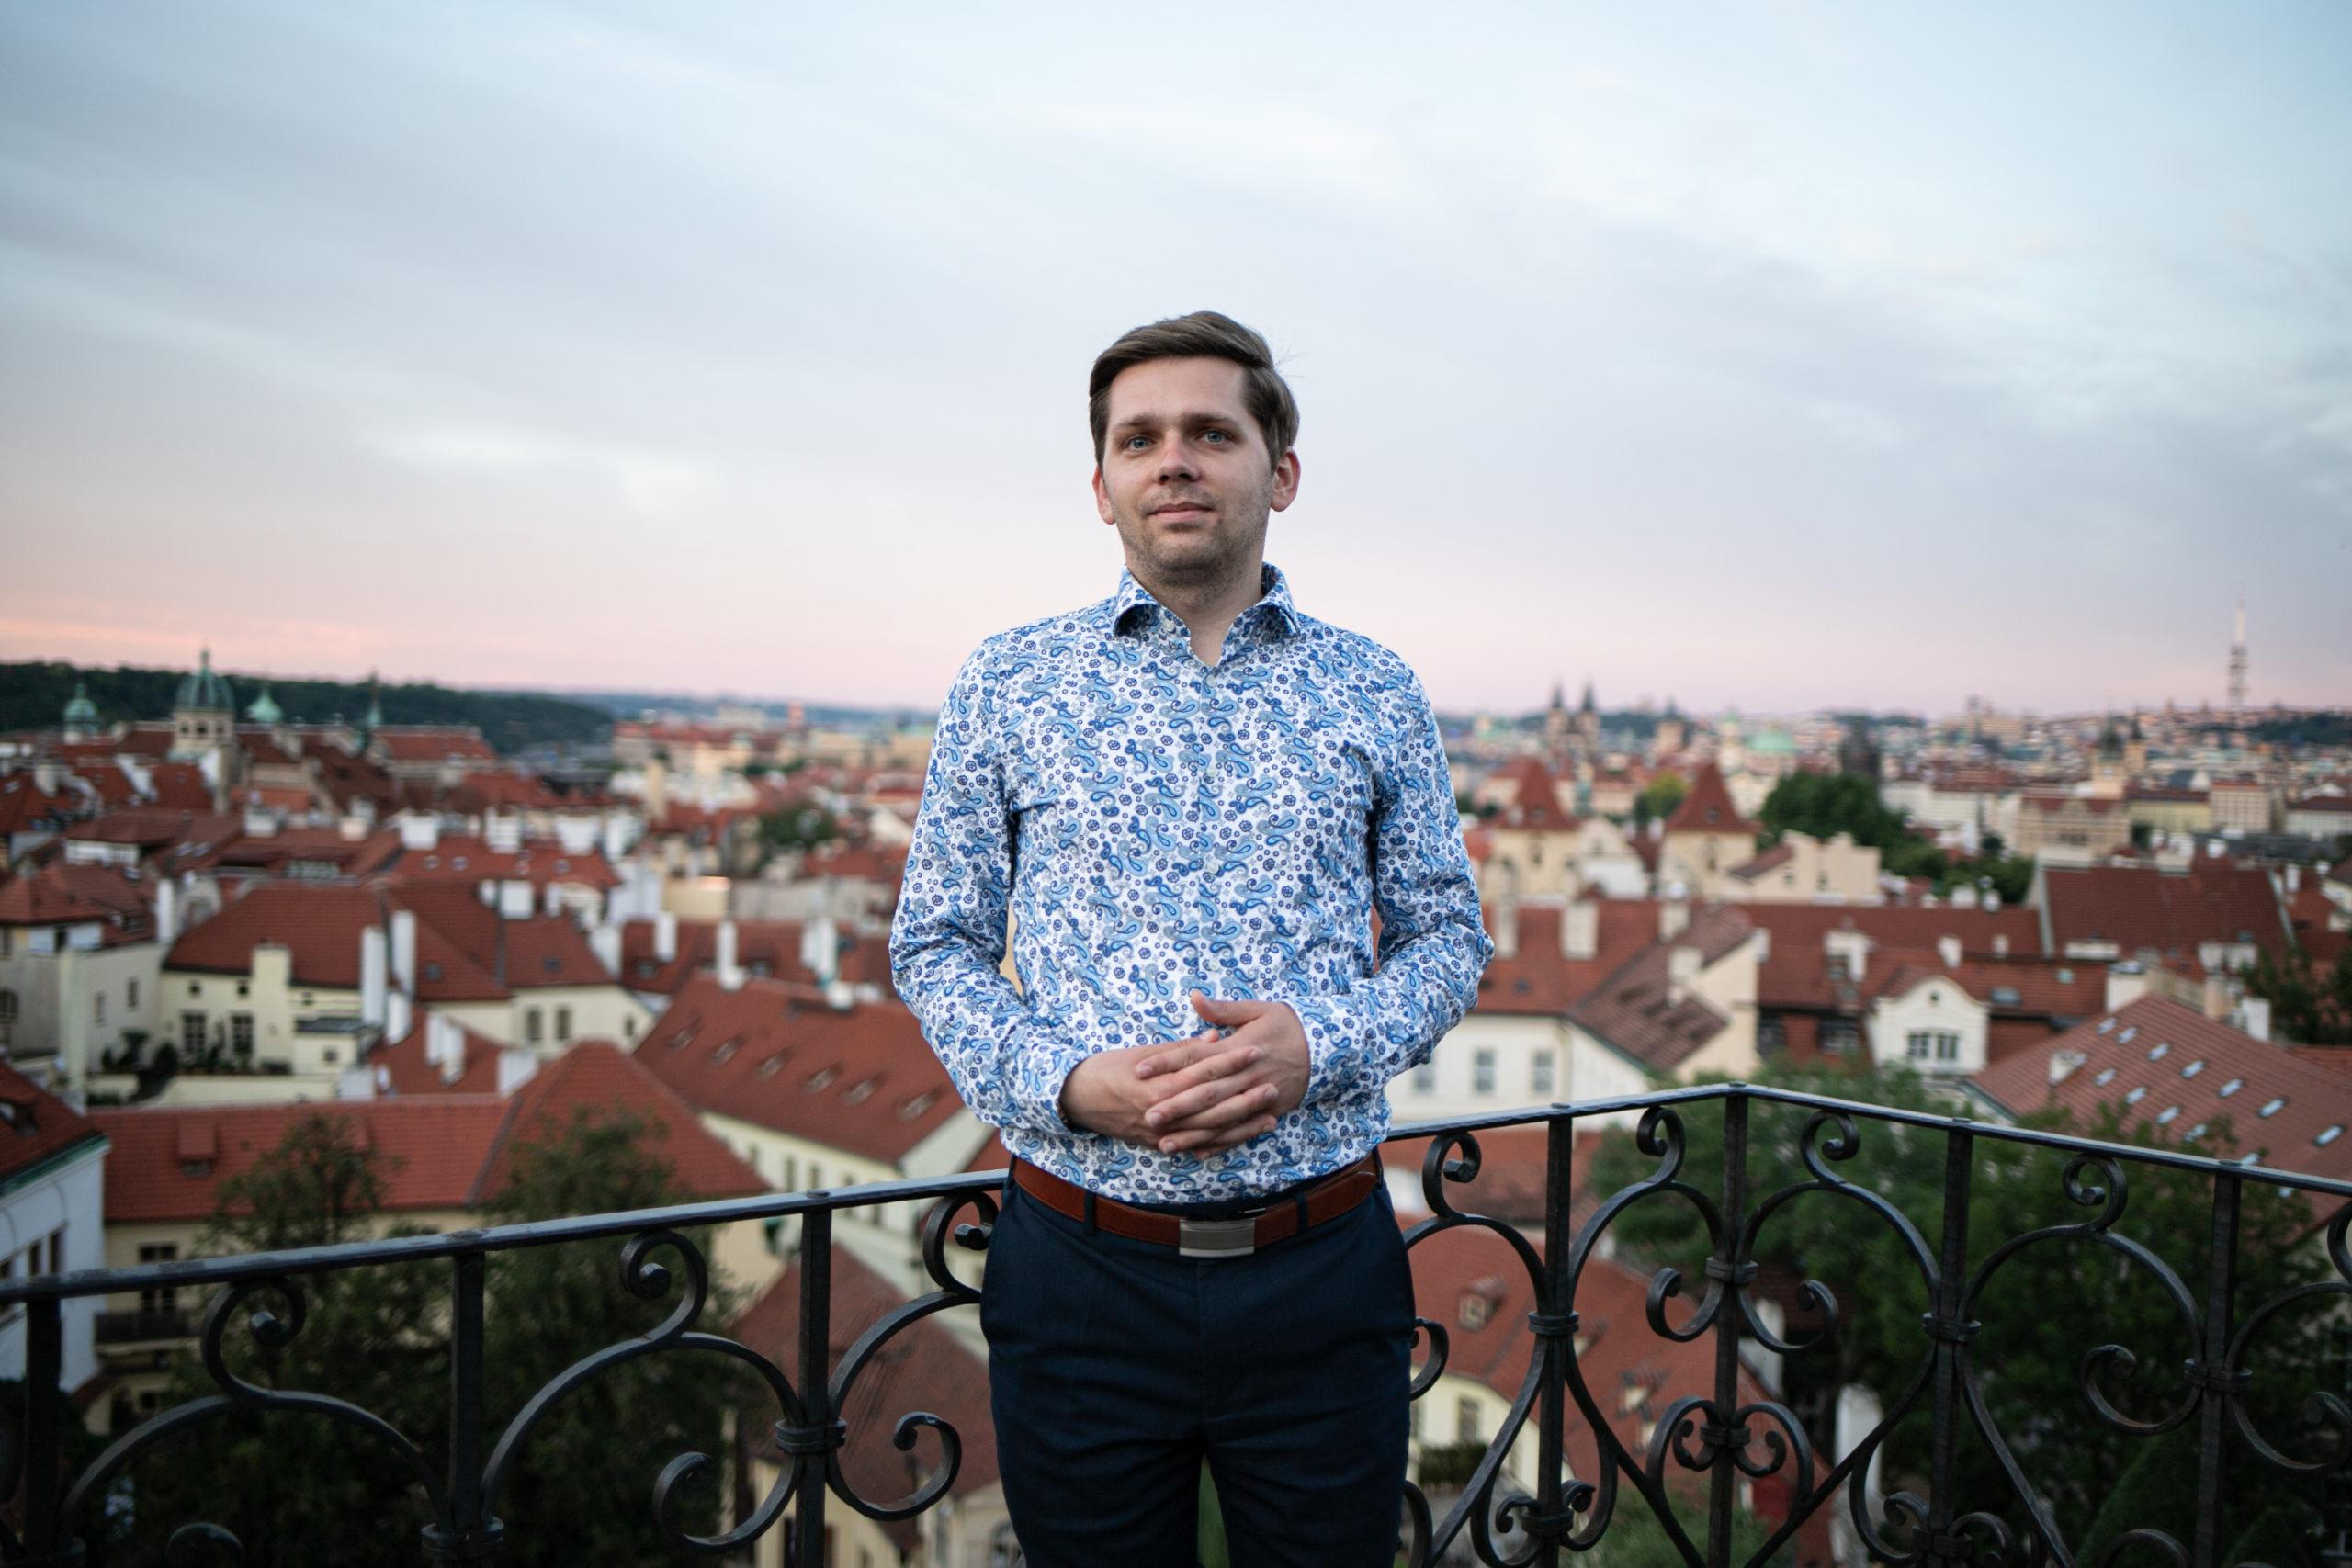 """Chvilku po vyhlášení vítězů na vyhlídce Vrtbovské zahrady v Praze na Malé Straně. """"Jsem z toho všeho ještě stále překvapený. Myslím, že to teprve budu muset v sobě zpracovat."""""""